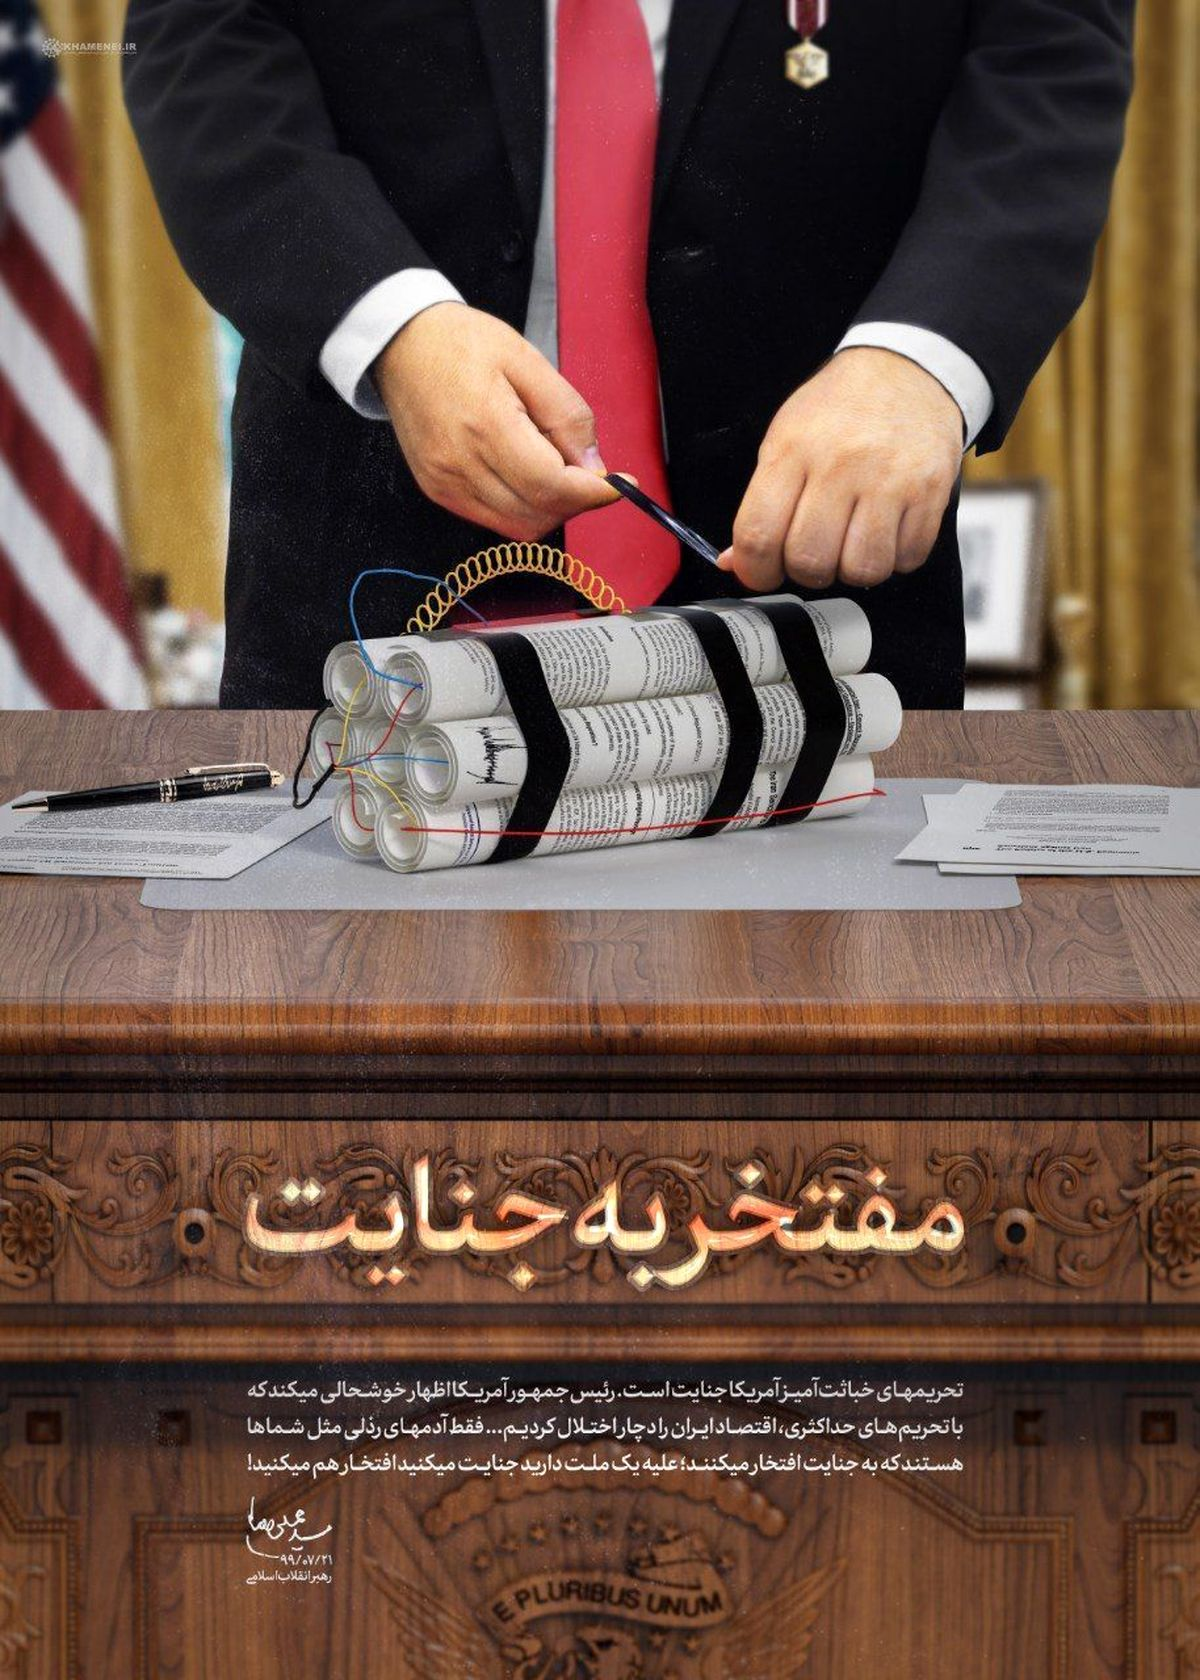 پوستر جدید رهبری درباره جنایات ترامپ